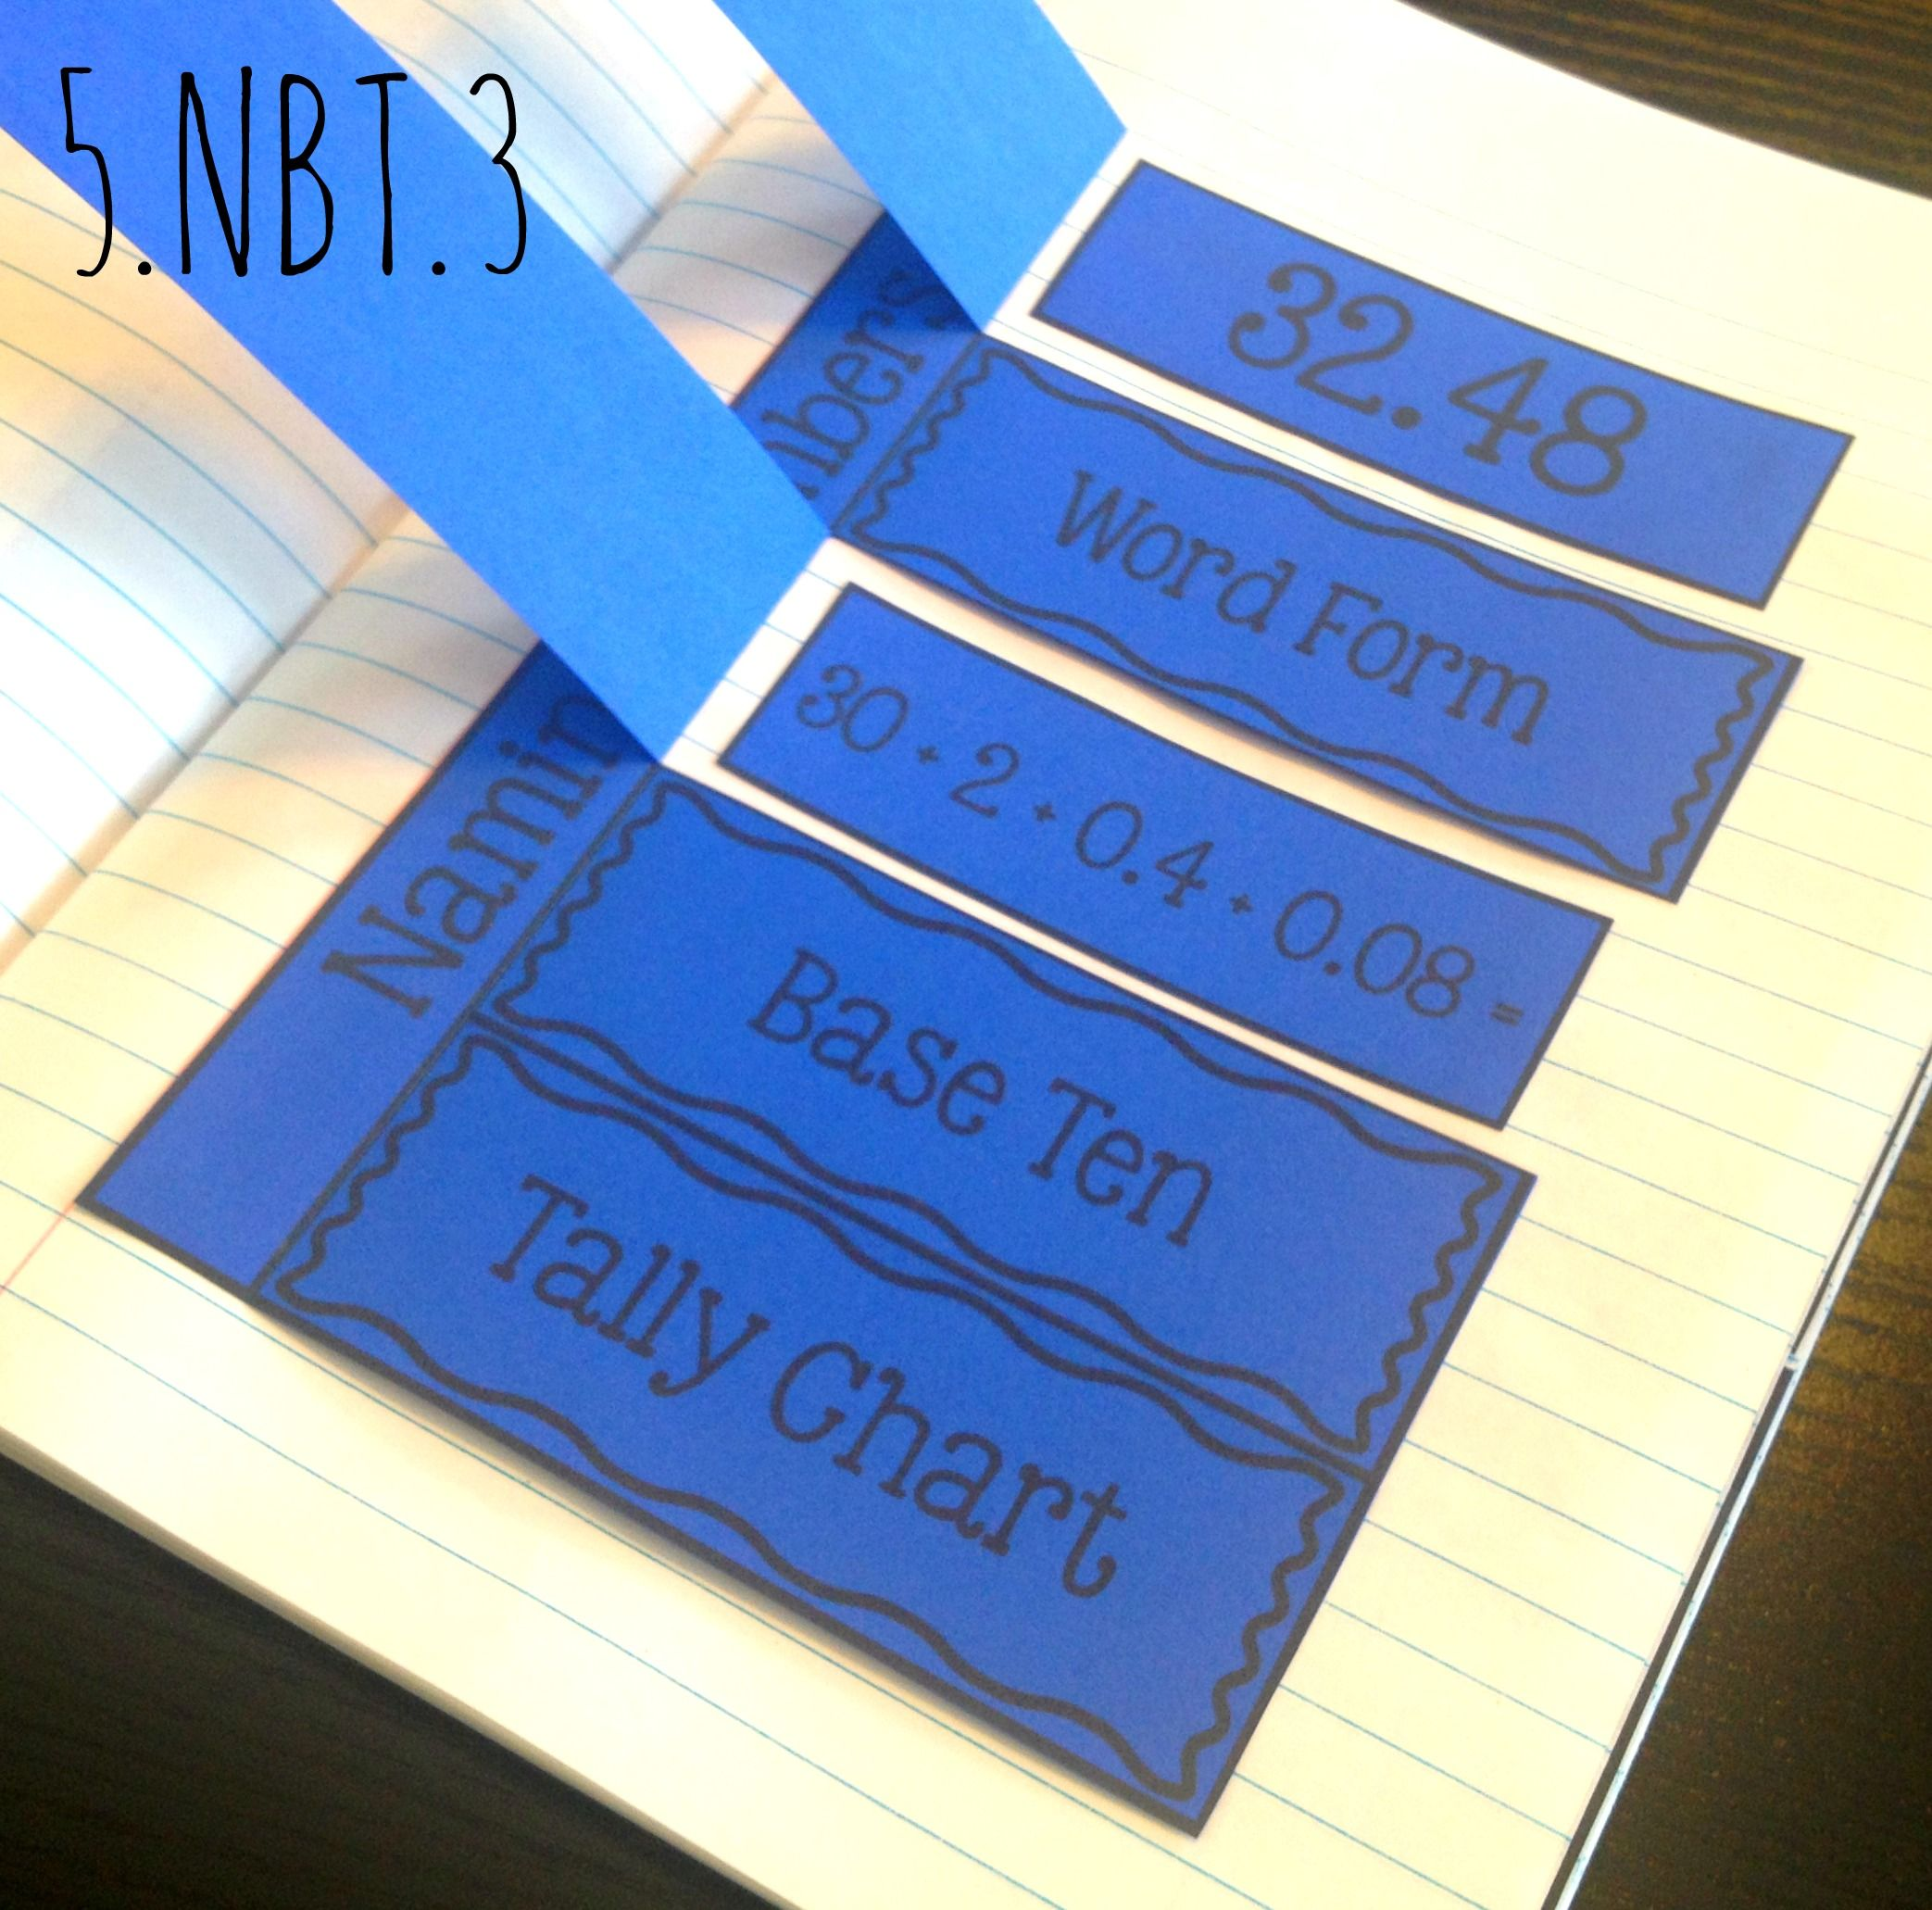 5 Nbt 3 Interactive Notebook